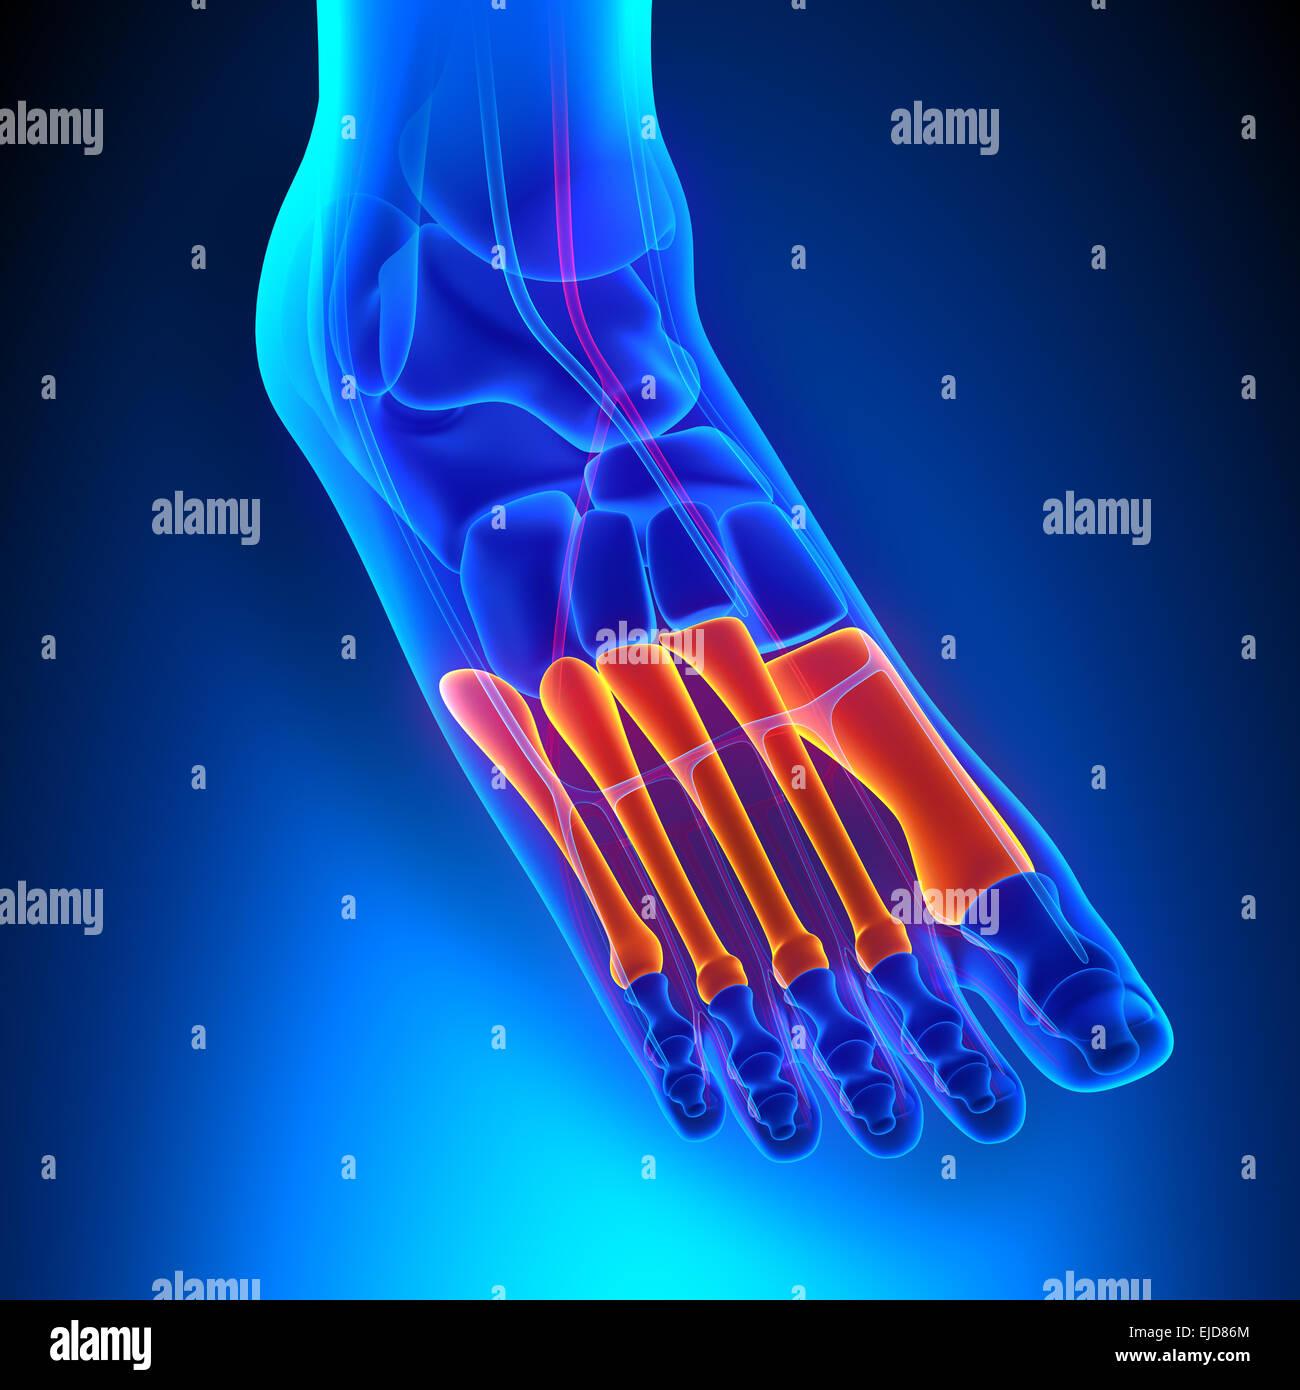 Mittelfußknochen Knochen Anatomie mit Herz-Kreislauf-System ...